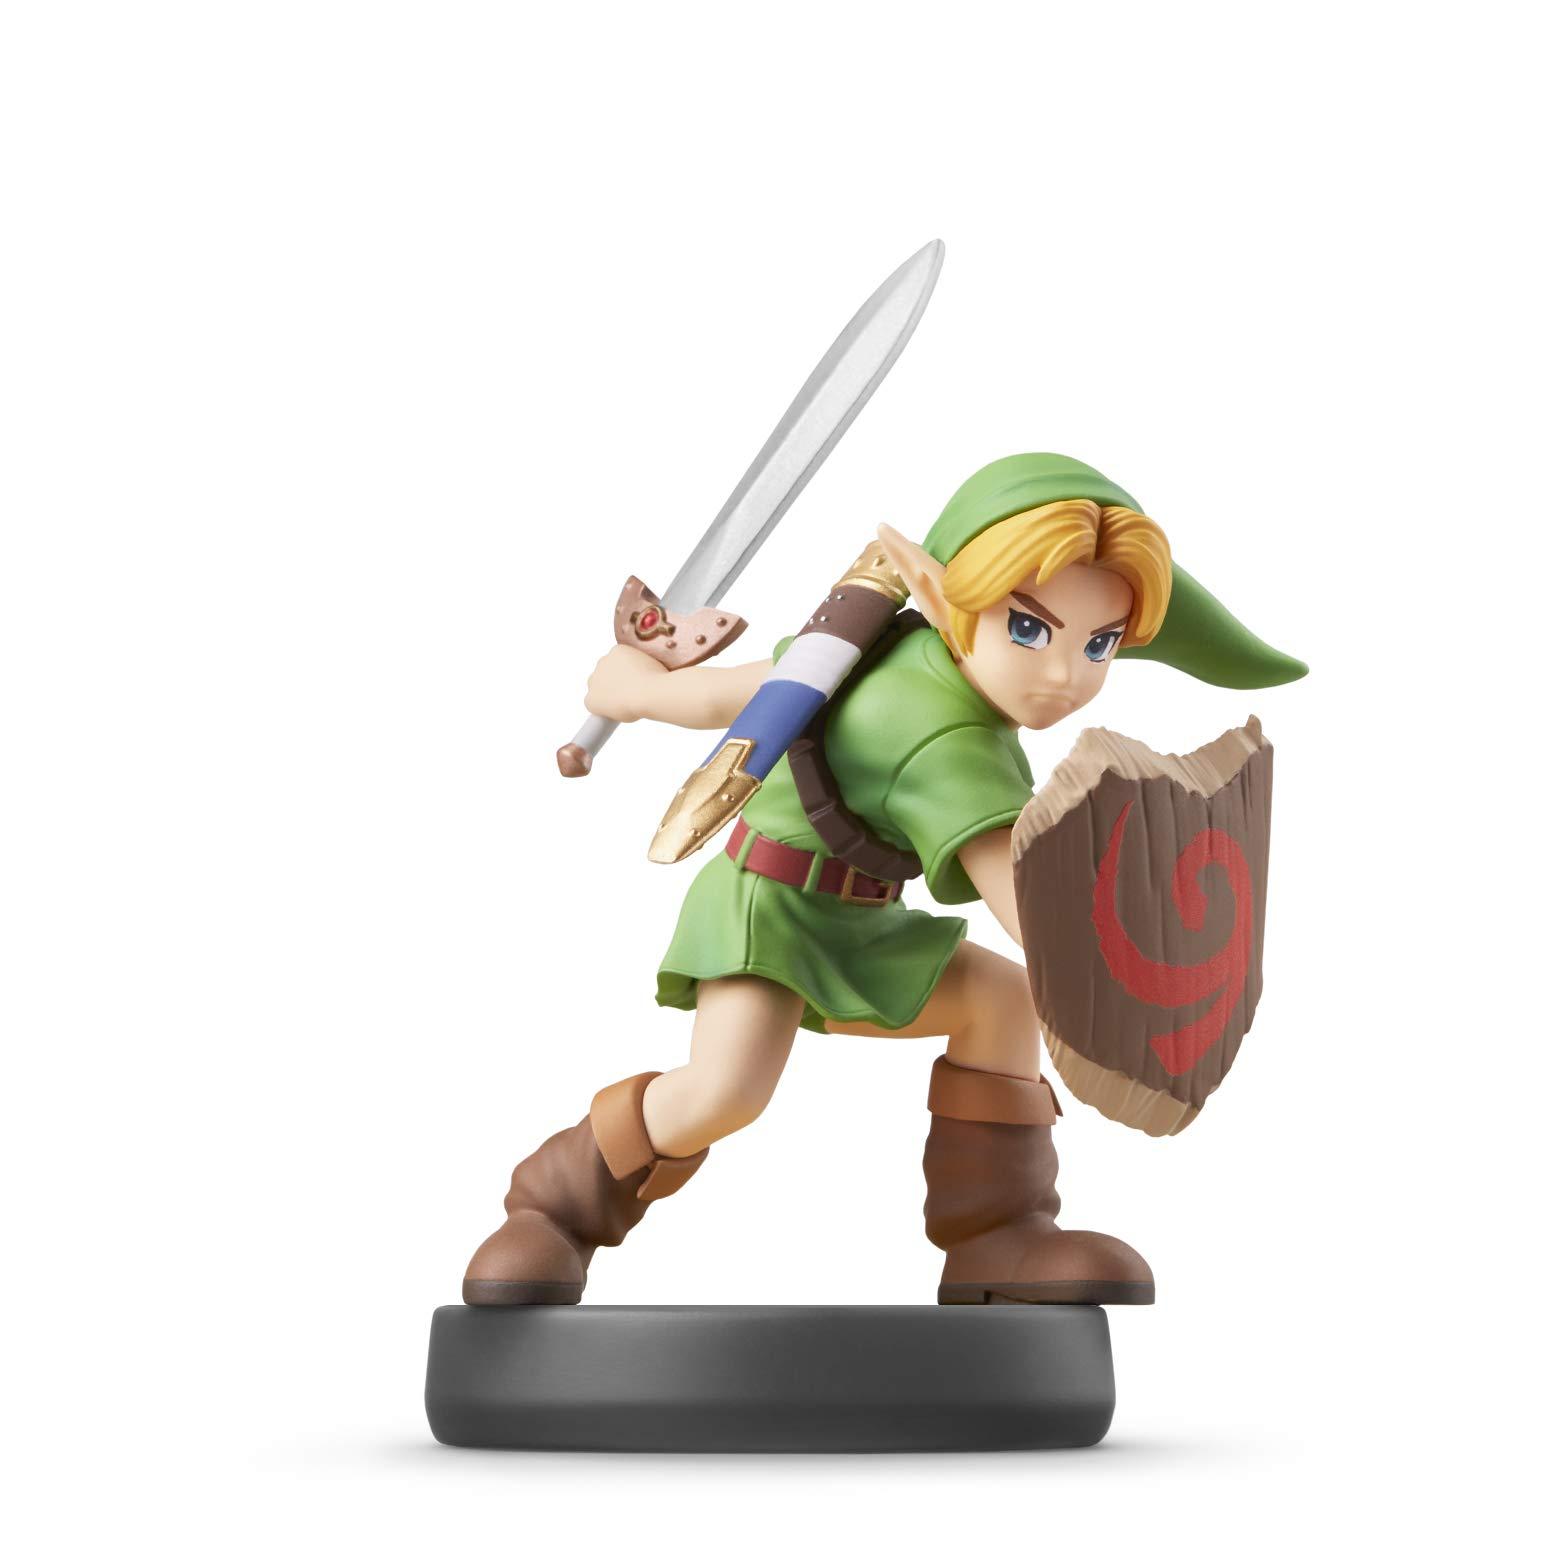 Nintendo Amiibo - Young Link (Ssbu) - Switch by Nintendo (Image #2)